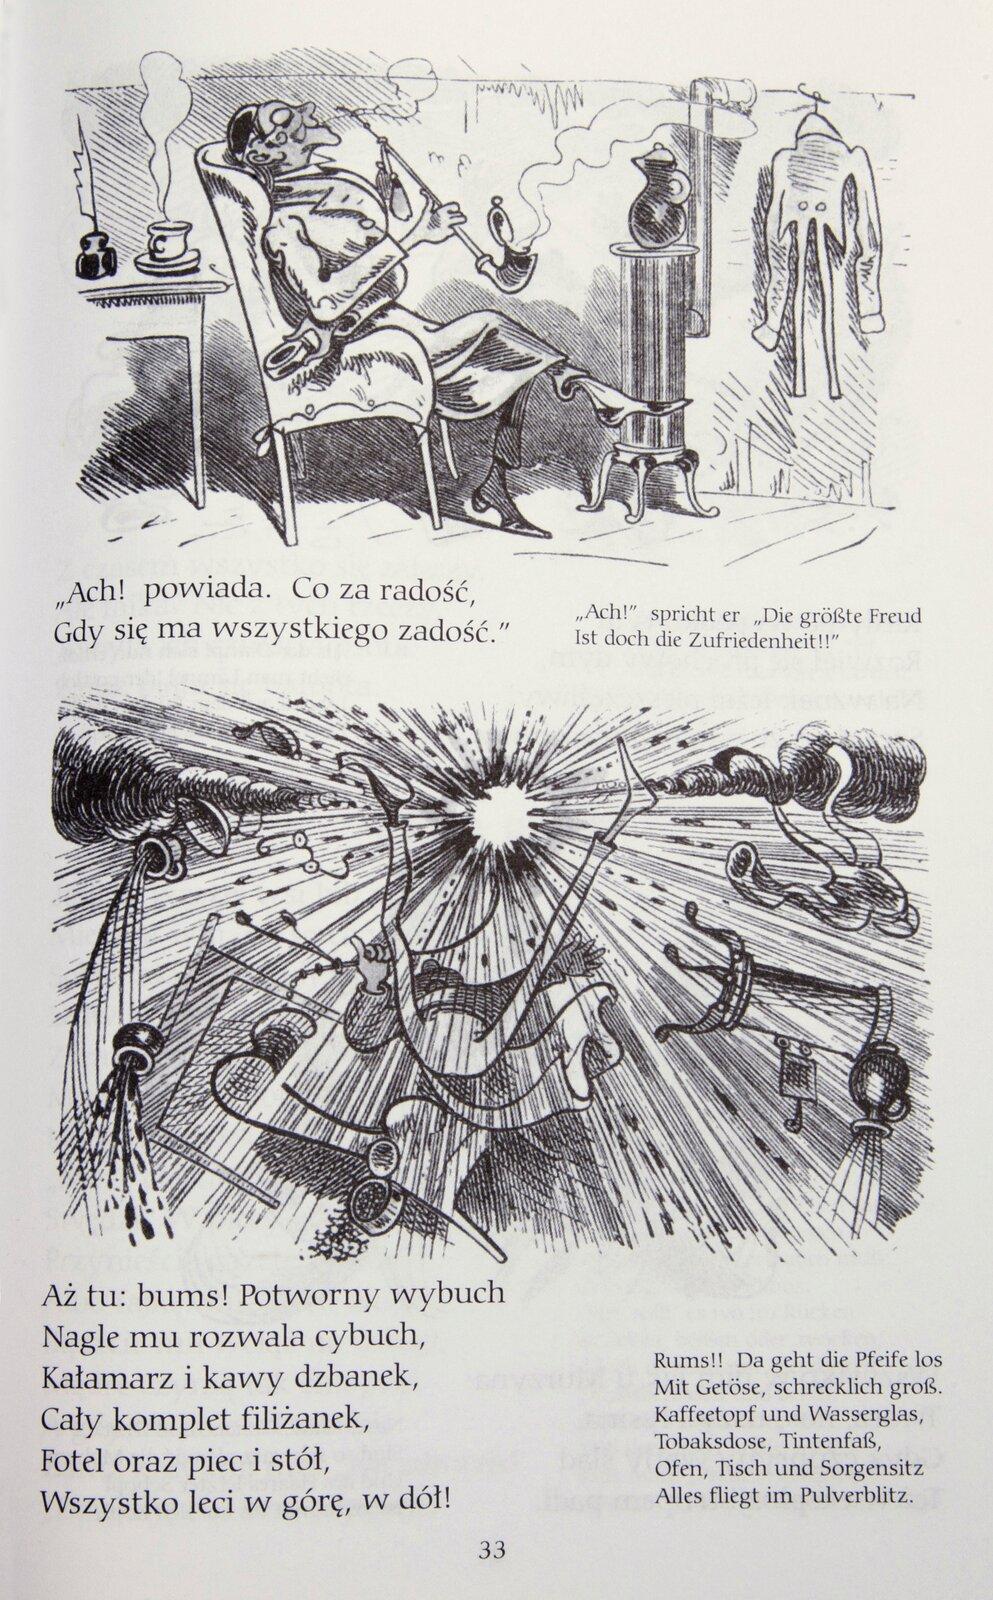 """Ilustracja przedstawia fragment historyjki obrazkowej Wilhelma Buscha """"Maks iMoryc"""" Ukazuje dwie sceny, usytuowane jedna pod drugą, między którymi znajduje się tekst: """"Ach! powiada. Co za radość, Gdy się ma wszystkiego zadość"""". Wpierwszej scenie mężczyzna ukazany zprofilu, ubrany wszlafrok, siedzi wfotelu paląc długą fajkę. Po jego lewej stronie znajduje się stół, na którym stoi filiżanka oraz kałamarz zpiórem. Na piecu po prawej stoi czajnik, na ścianie wisi marynarka. Na drugiej ilustracji ukazany jest wybuch, podczas którego mężczyzna oraz przedmioty znajdują się wpowietrzu. Pod ilustracją umieszczony jest tekst: """"Aż tu bums! Potworny wybuch Nagle mu rozwala cybuch, Kałamarz ikawy dzbanek, Cały komplet filiżanek, Fotel oraz piec istół, Wszystko leci wgórę, wdół!"""""""